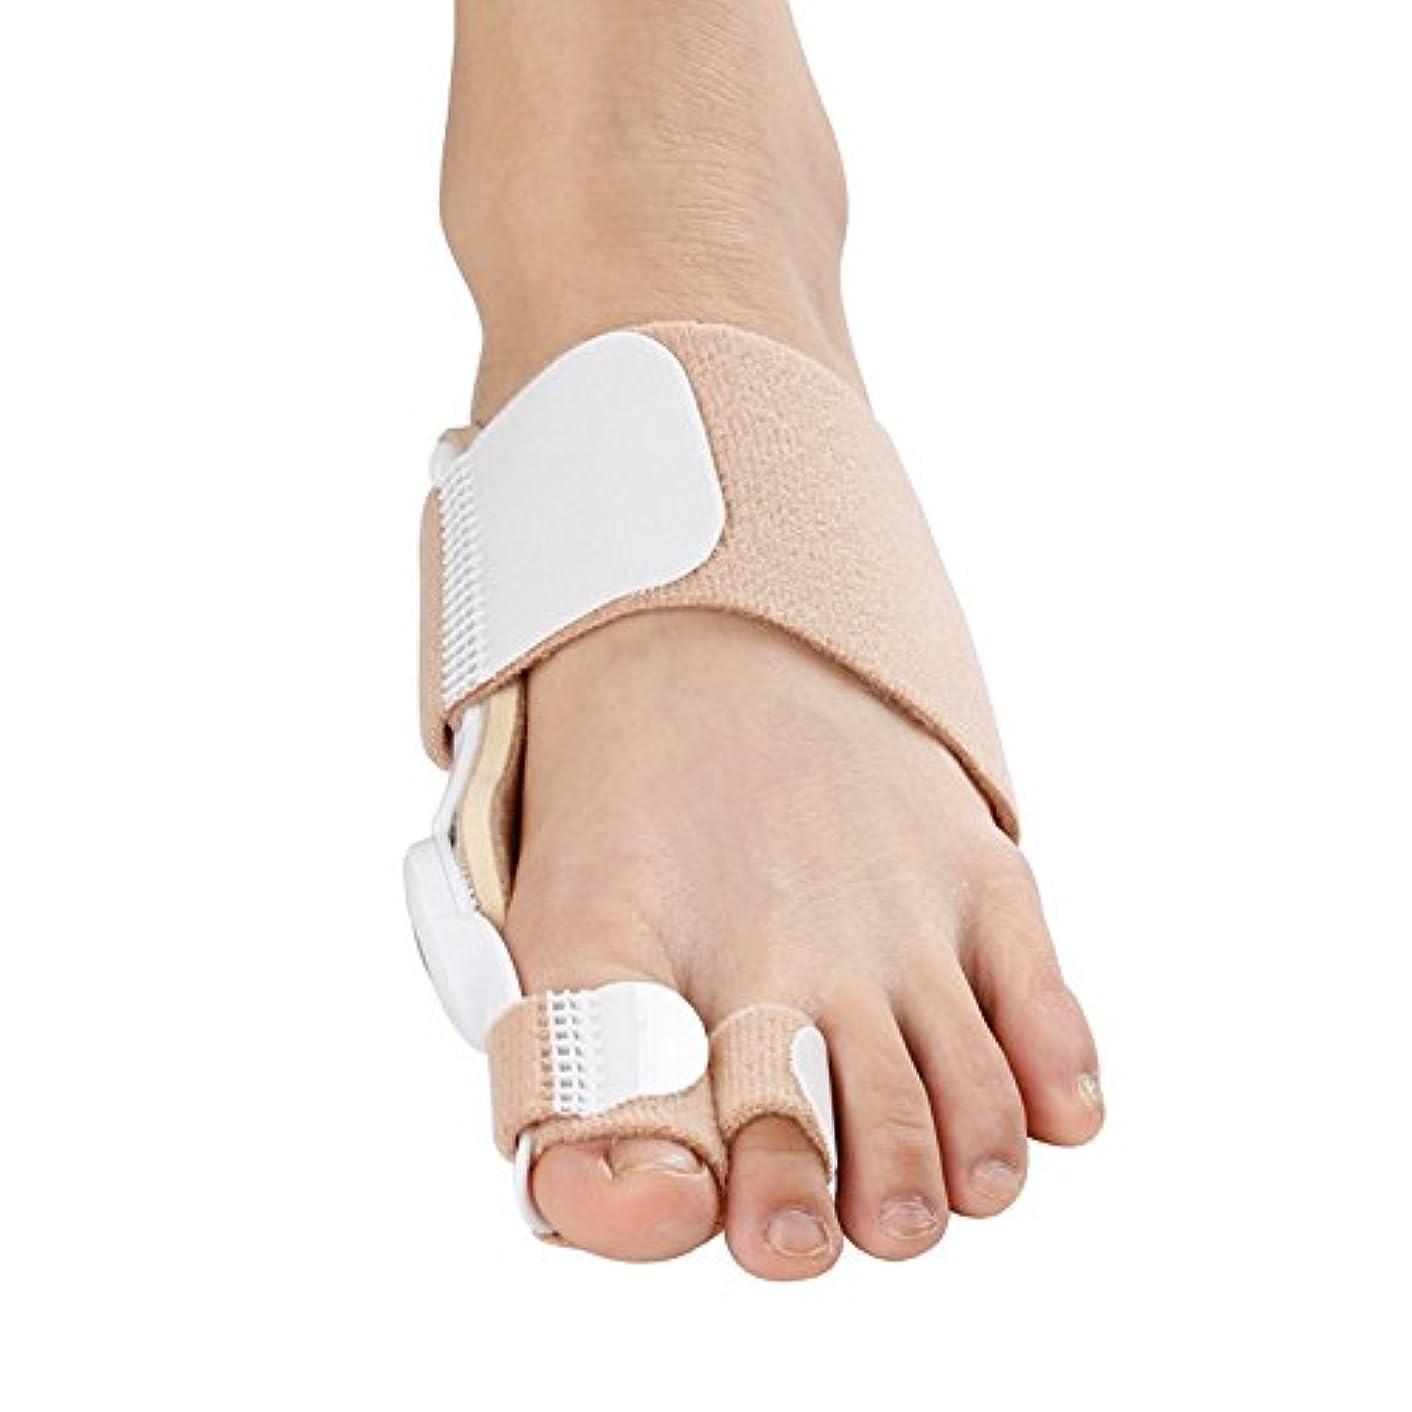 ウェブ気になるありそう1組のつま先の分離帯の坐骨矯正装置最新の強化された外反母趾矯正整形つま先痛み足のケア